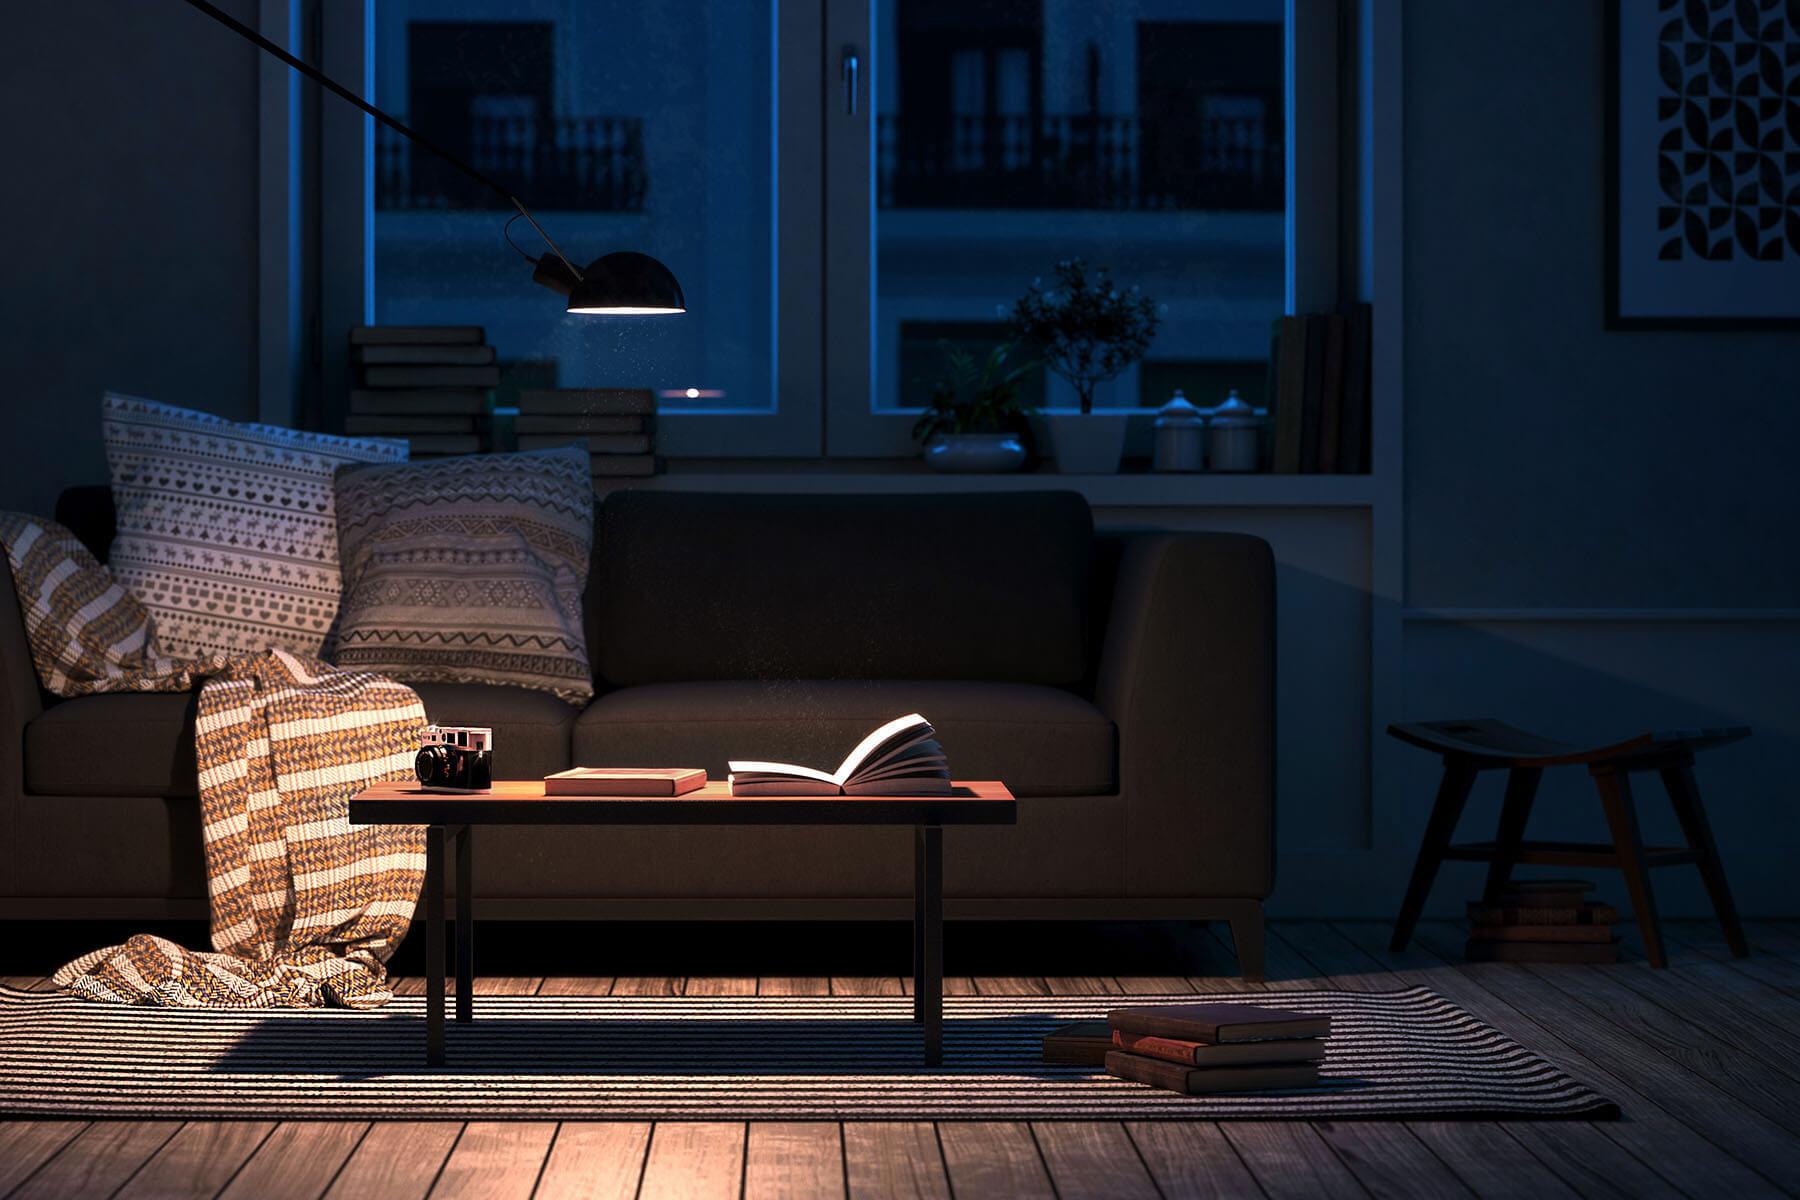 Wohnzimmer Architektur Visualisierung. Render Visualisierung